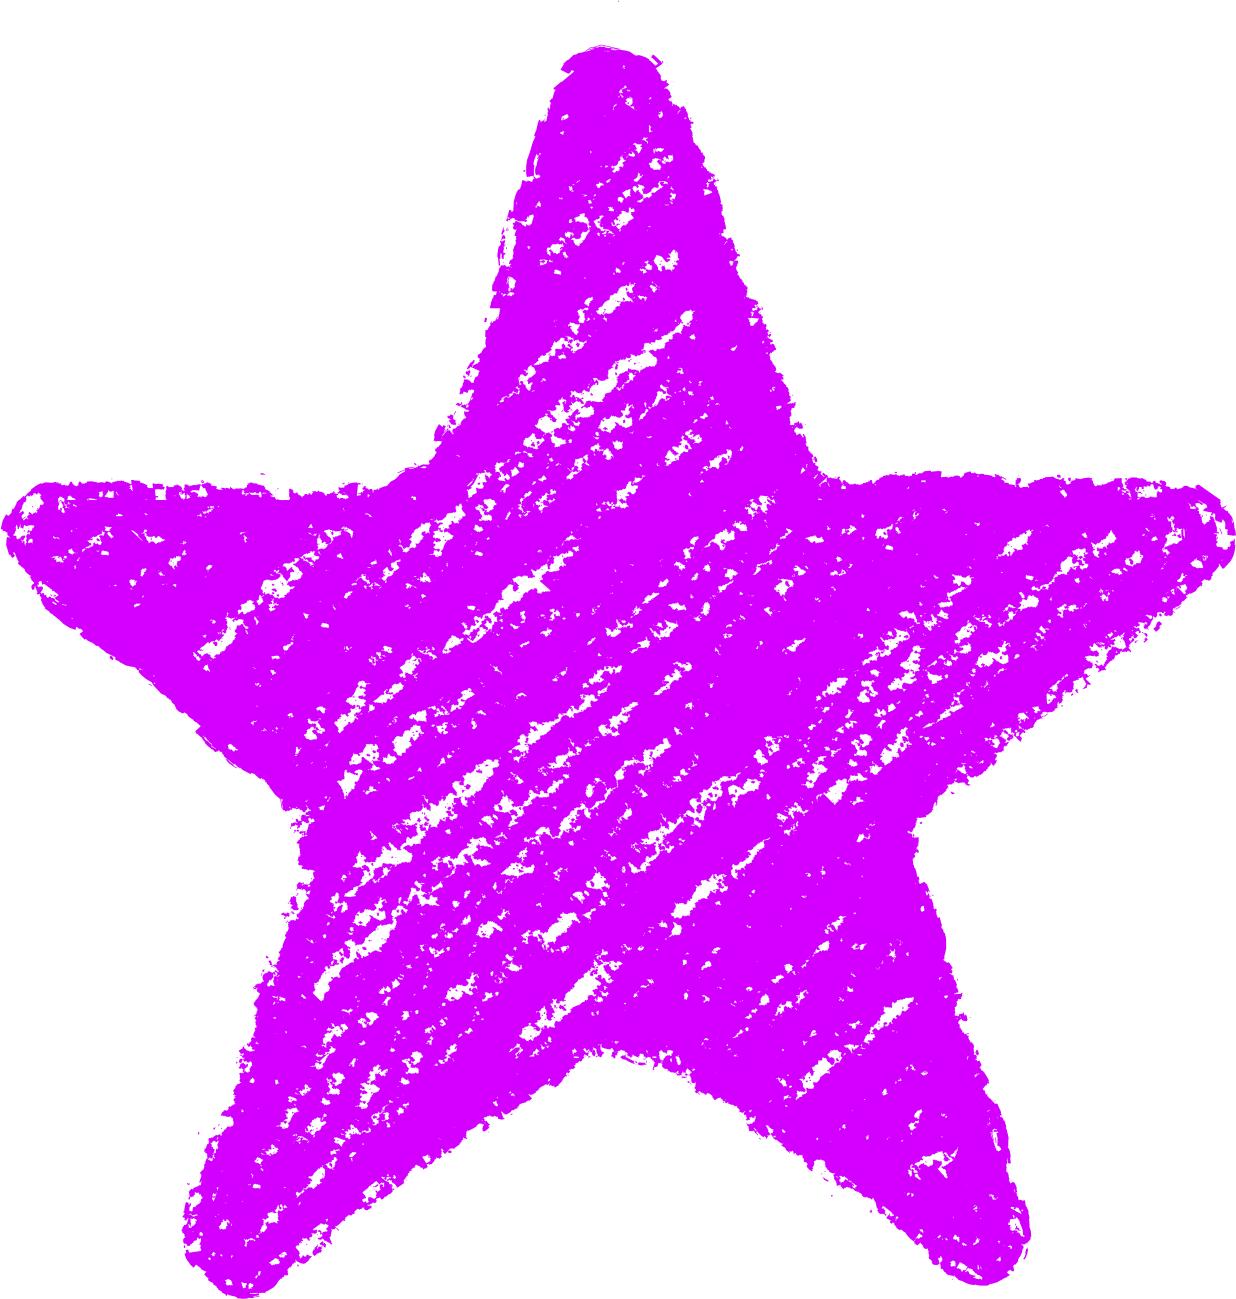 クレヨン塗り背景 紫色 新(パープル)星のイラスト star_purple